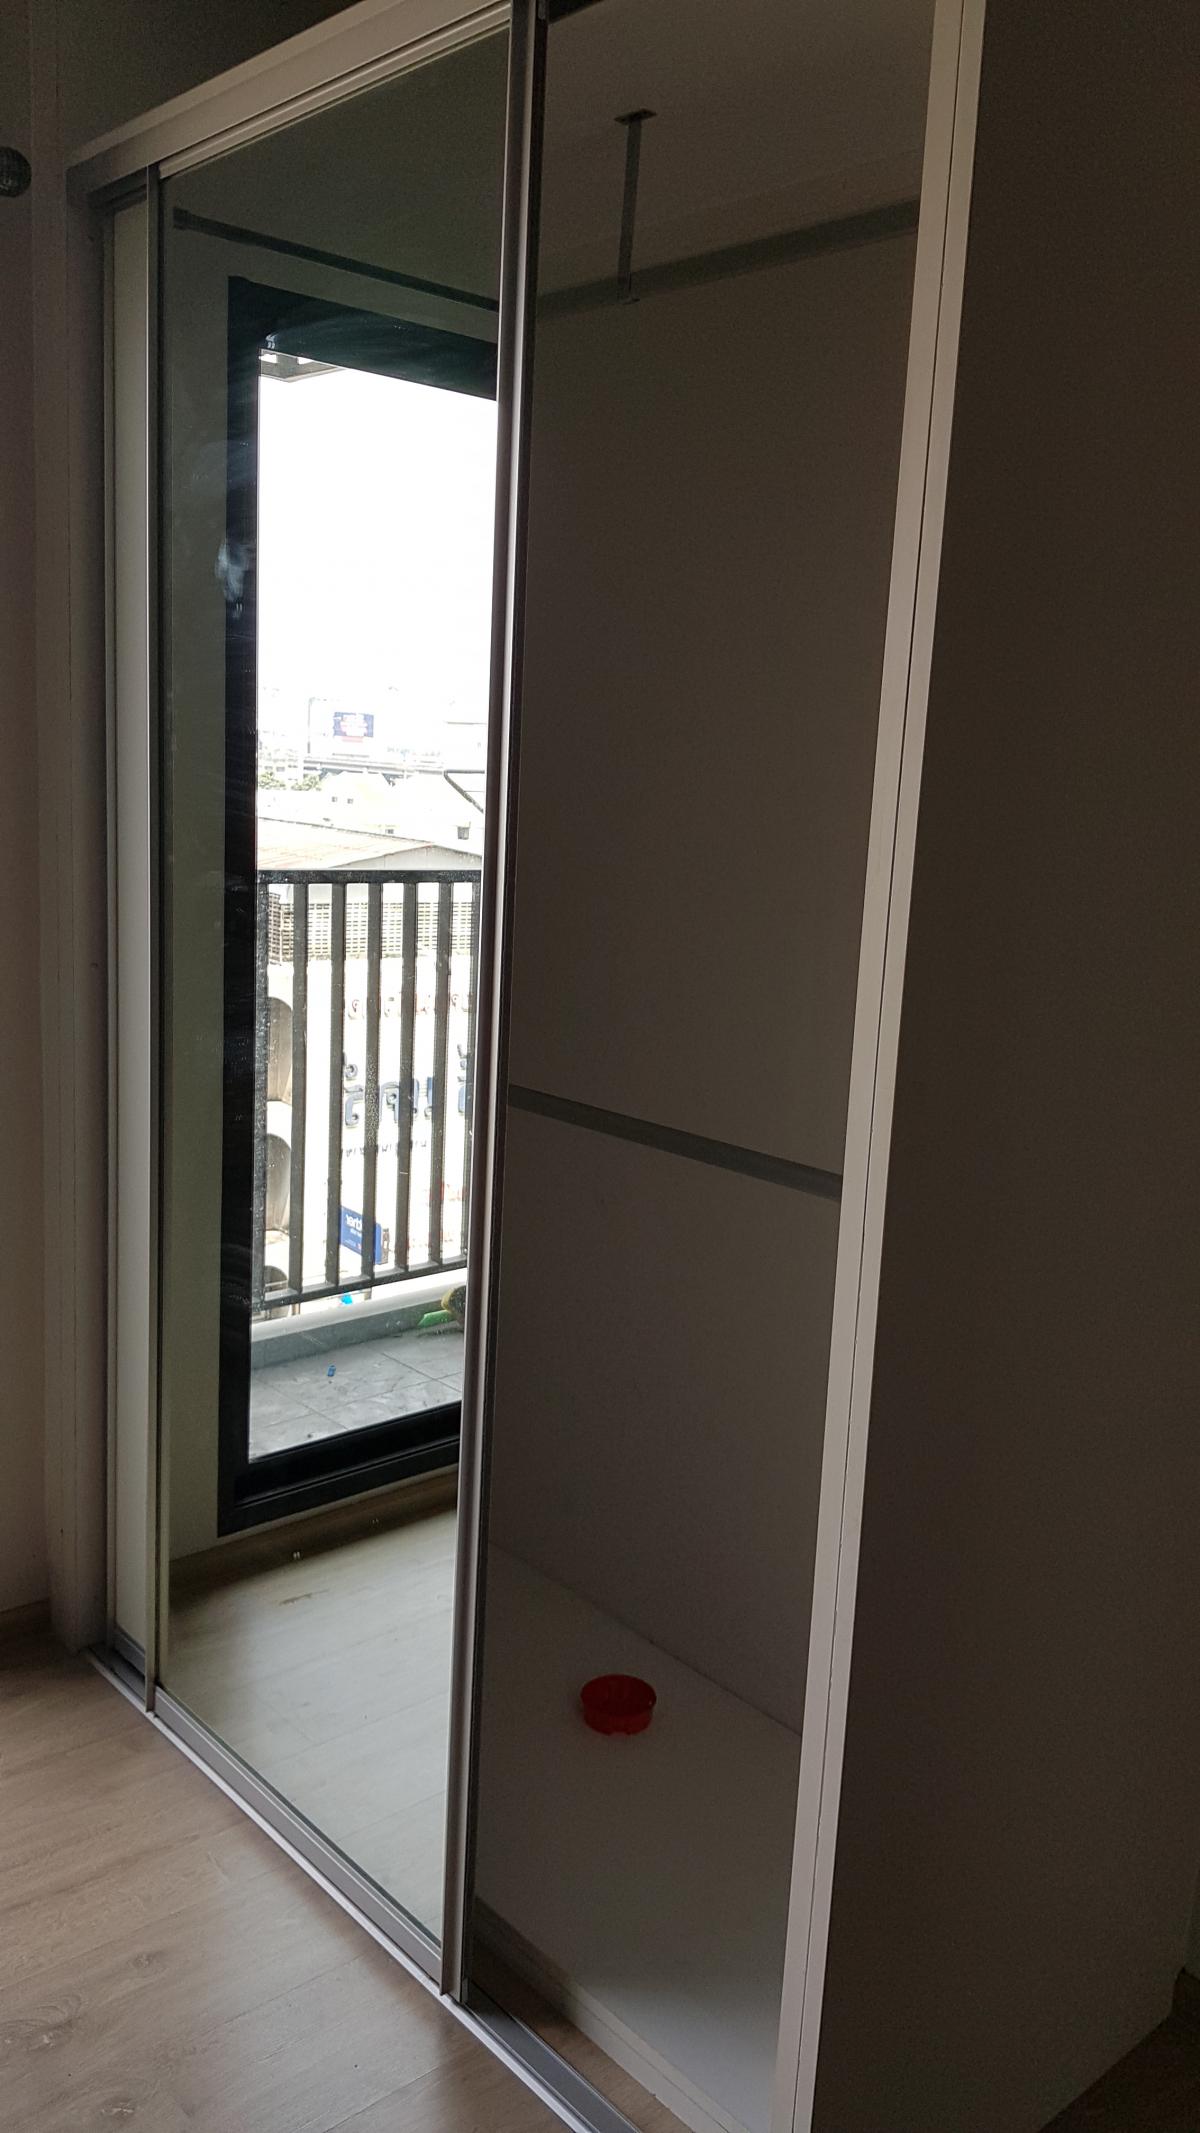 รูปของประกาศเช่าคอนโดFuse MiTi สุทธิสาร-รัชดา(1 ห้องนอน)(3)